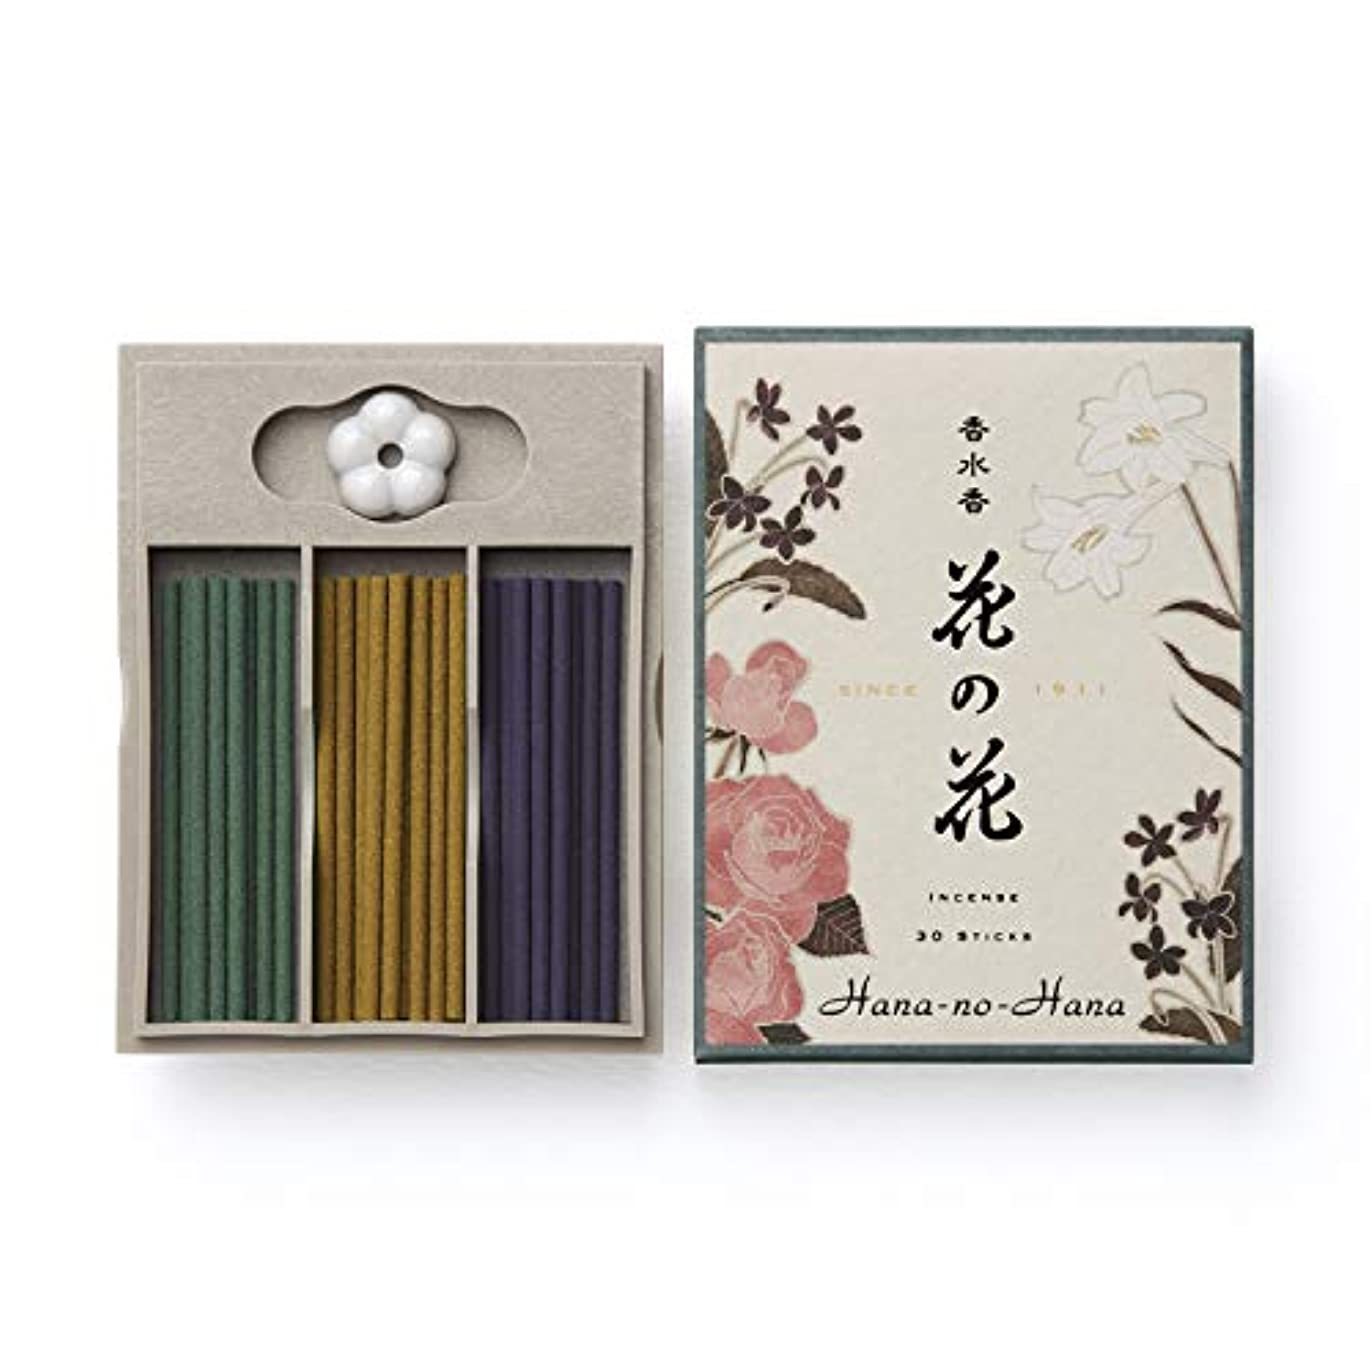 料理をする作家弱い日本香堂 香水香 花の花 三種入 スティック30本入 ばら?ゆり?すみれ